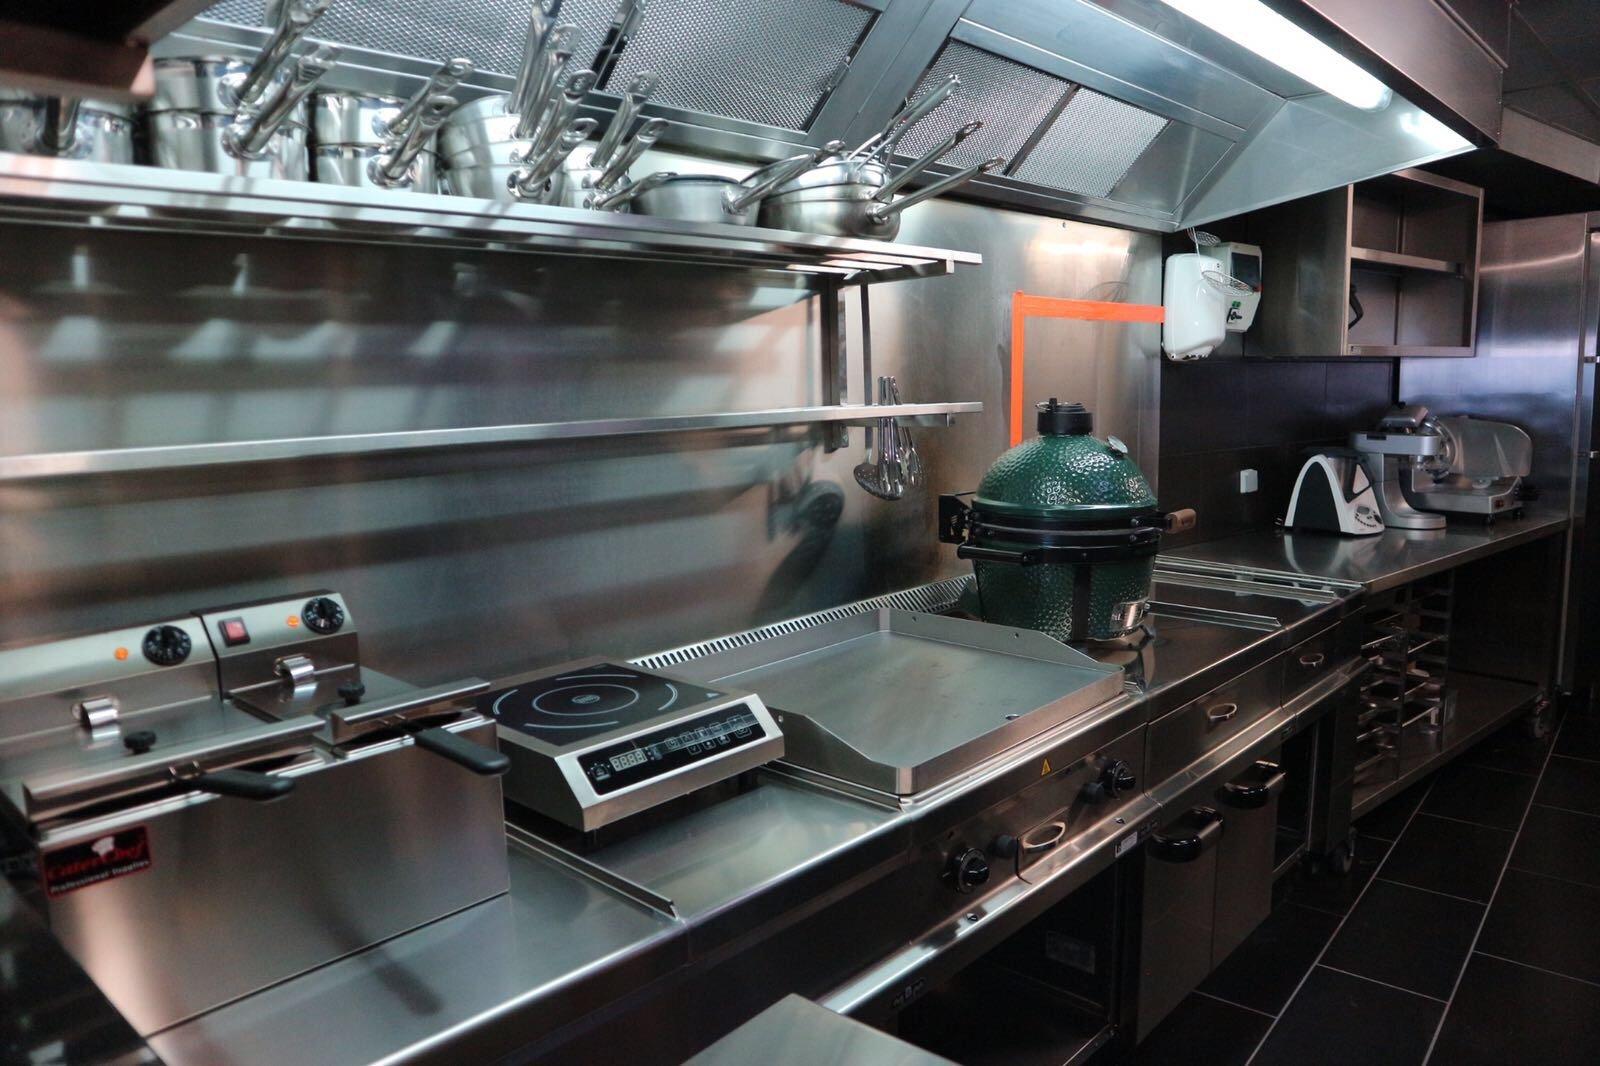 Met succes mochtten wij de keuken van het nieuwe eethuis van dit jonge ambitieuze koppel...